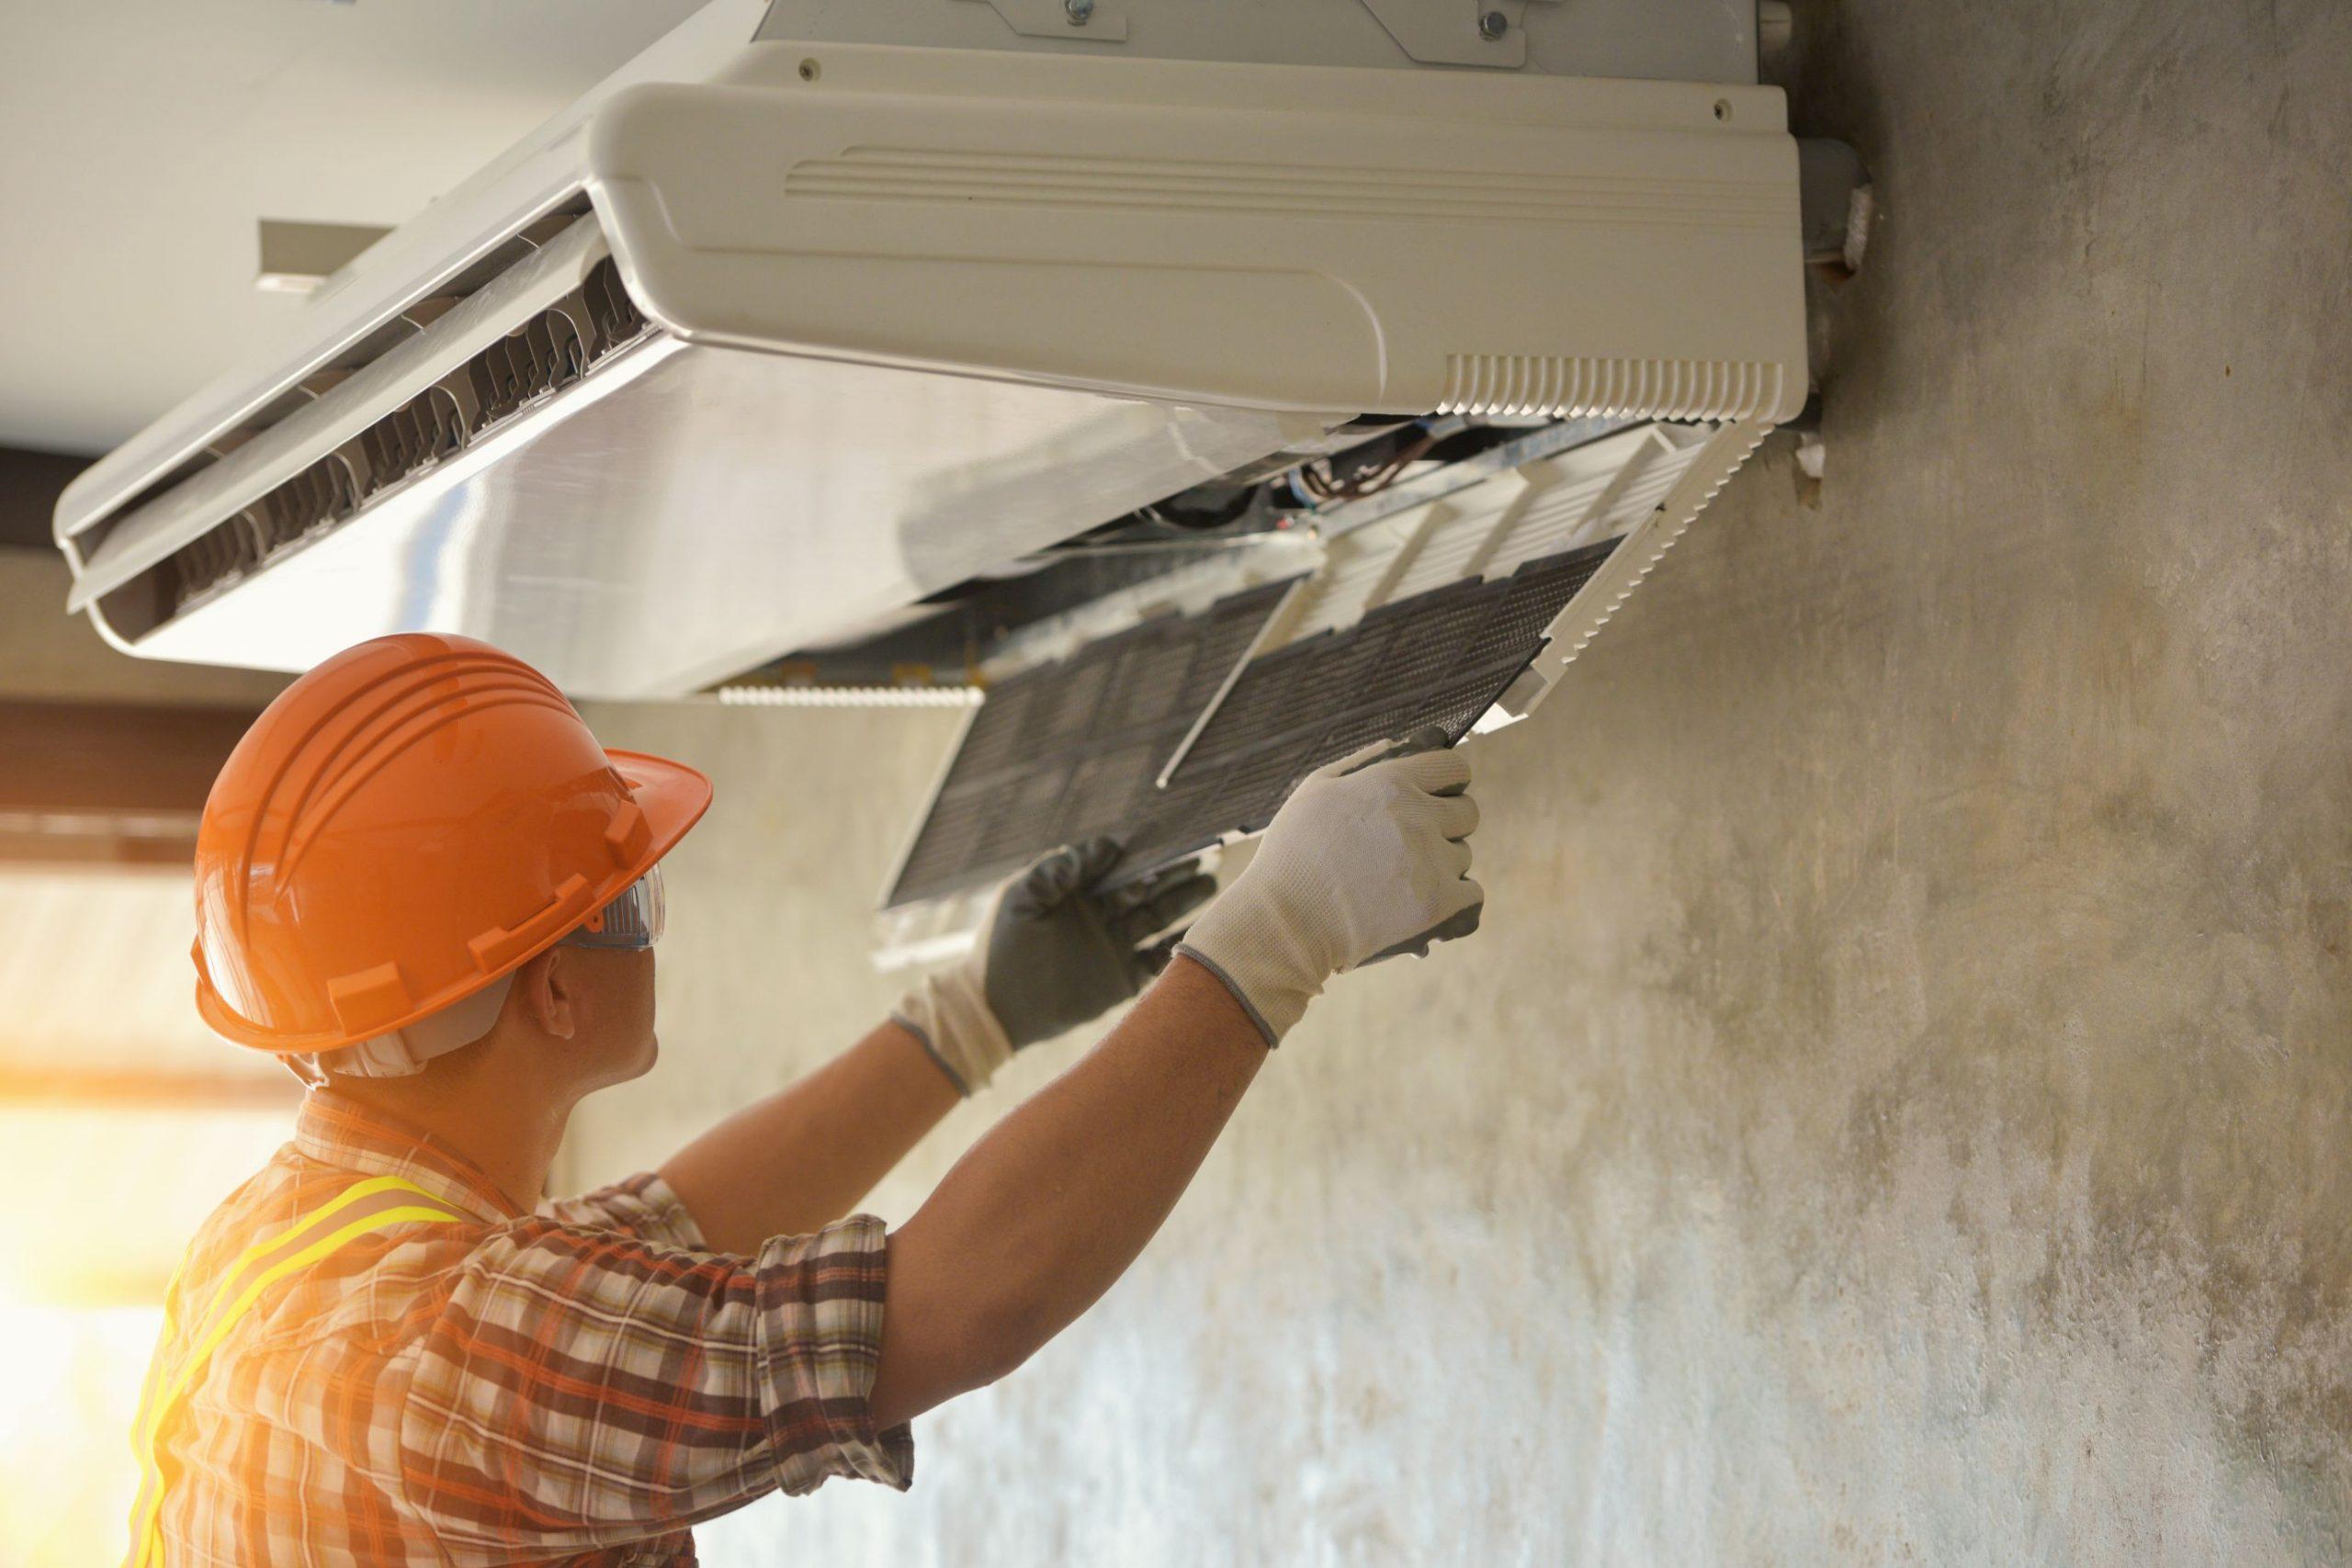 prix remplacer climatiseur central